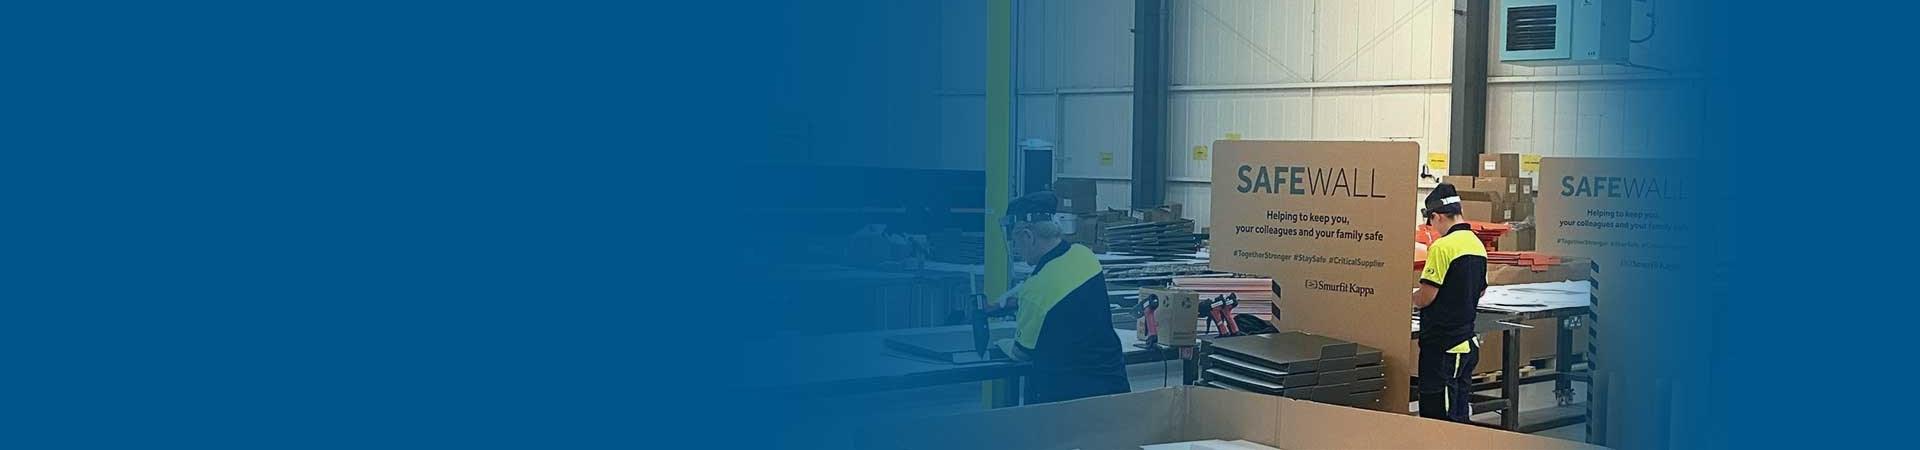 Safewall Workspace Divider